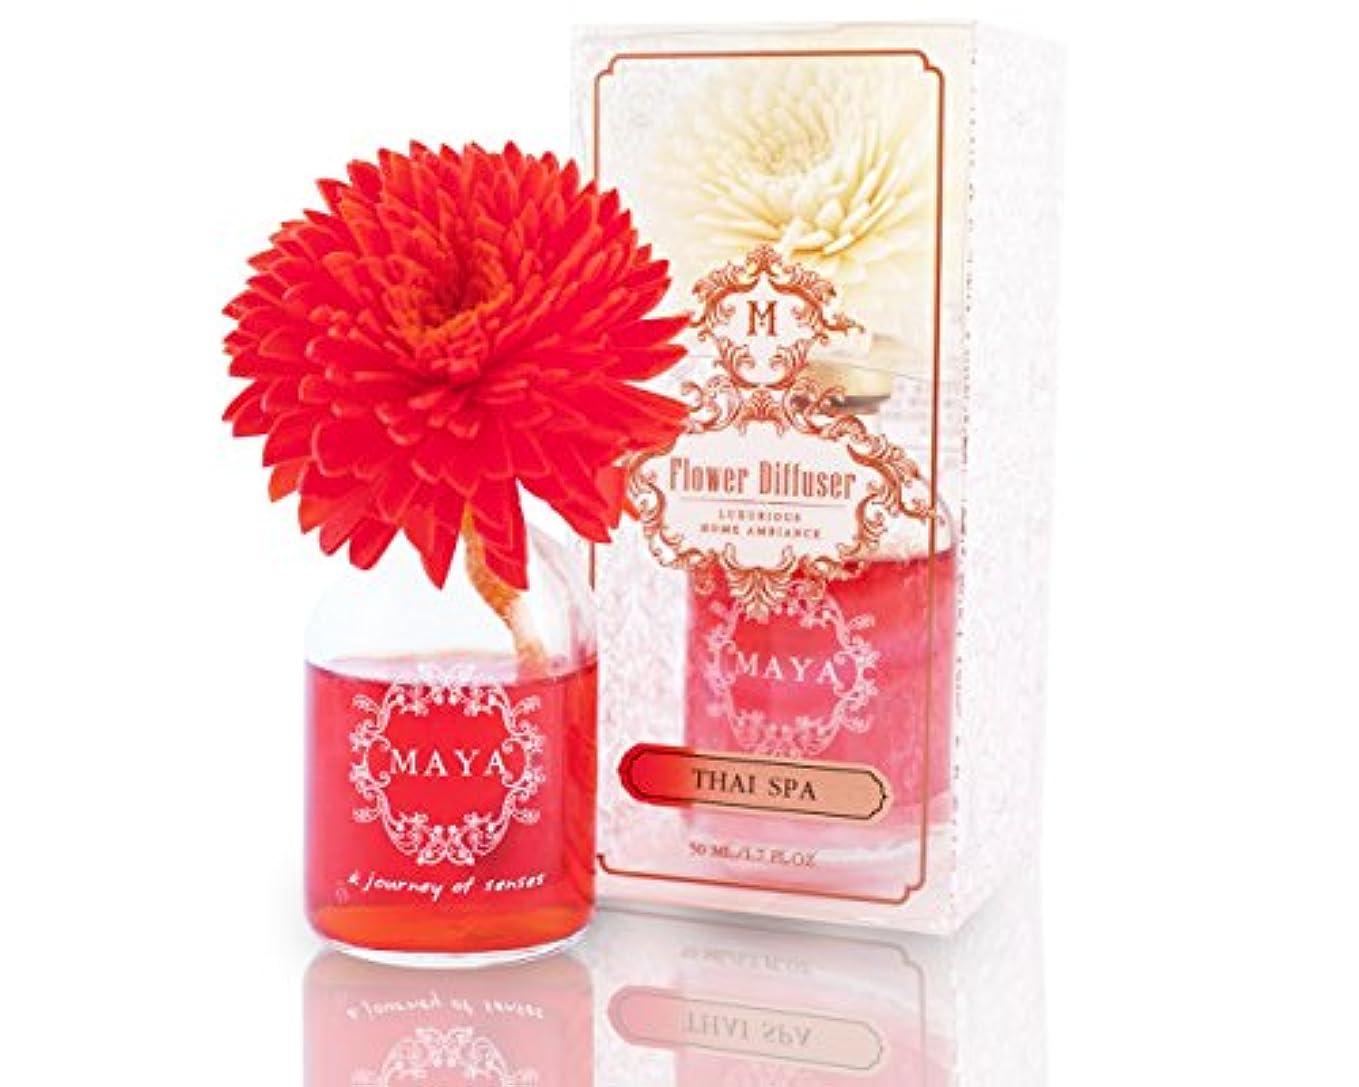 相対サイズ謎流暢MAYA フラワーディフューザー タイスパ 50ml [並行輸入品] |Aroma Flower Diffuser THAI SPA 50ml